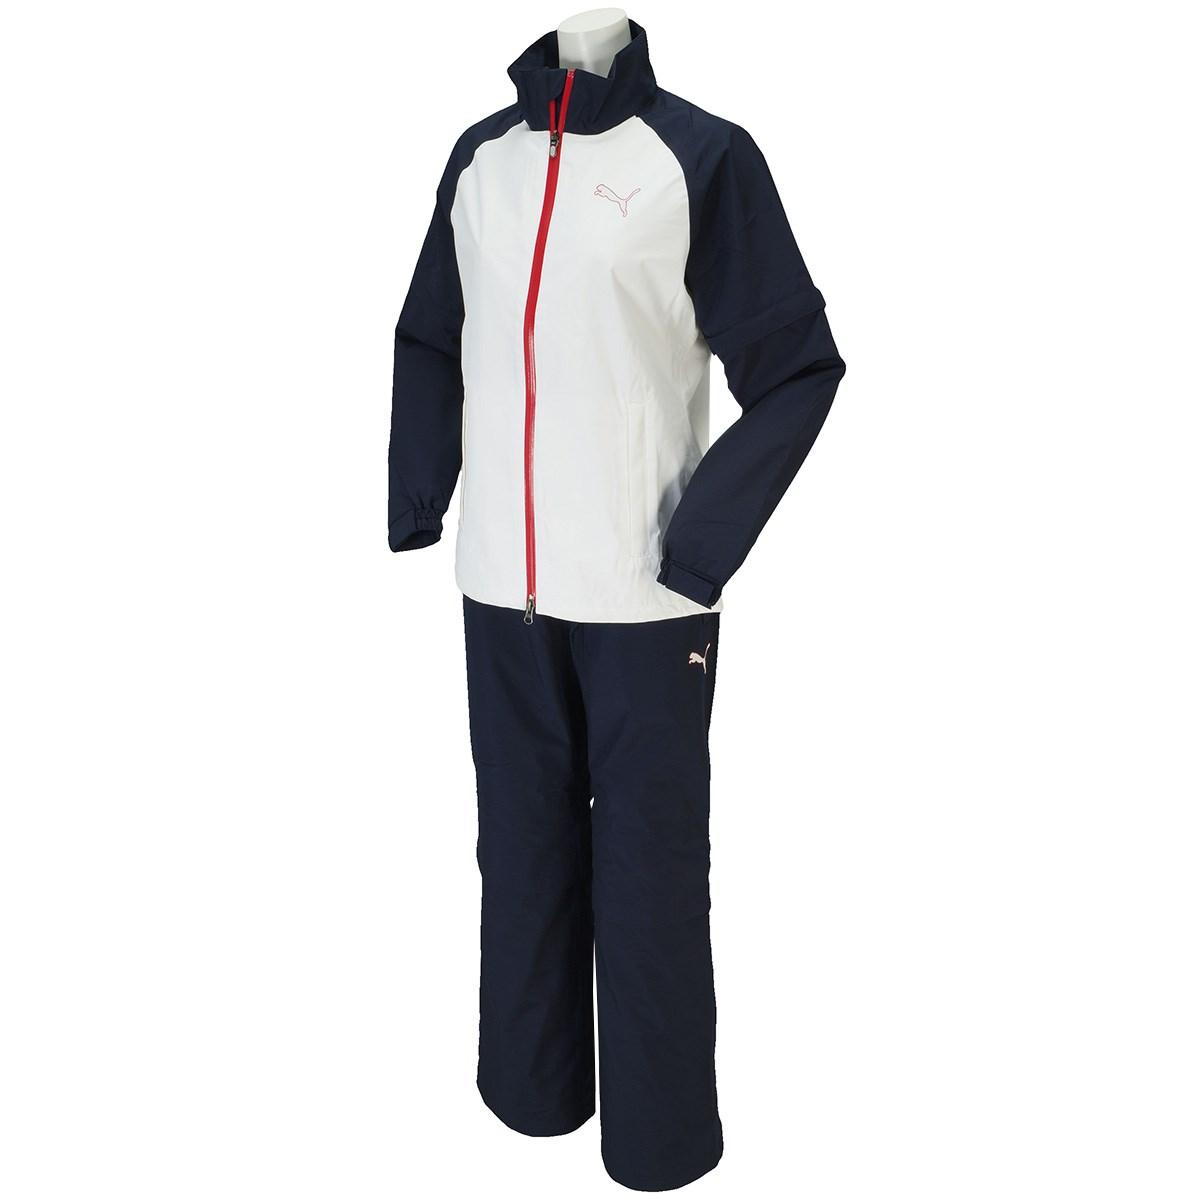 [アウトレット] [在庫限りのお買い得商品] プーマ PUMA レインウェア上下セット ホワイト/ピーコート 02 レディース ゴルフウェア